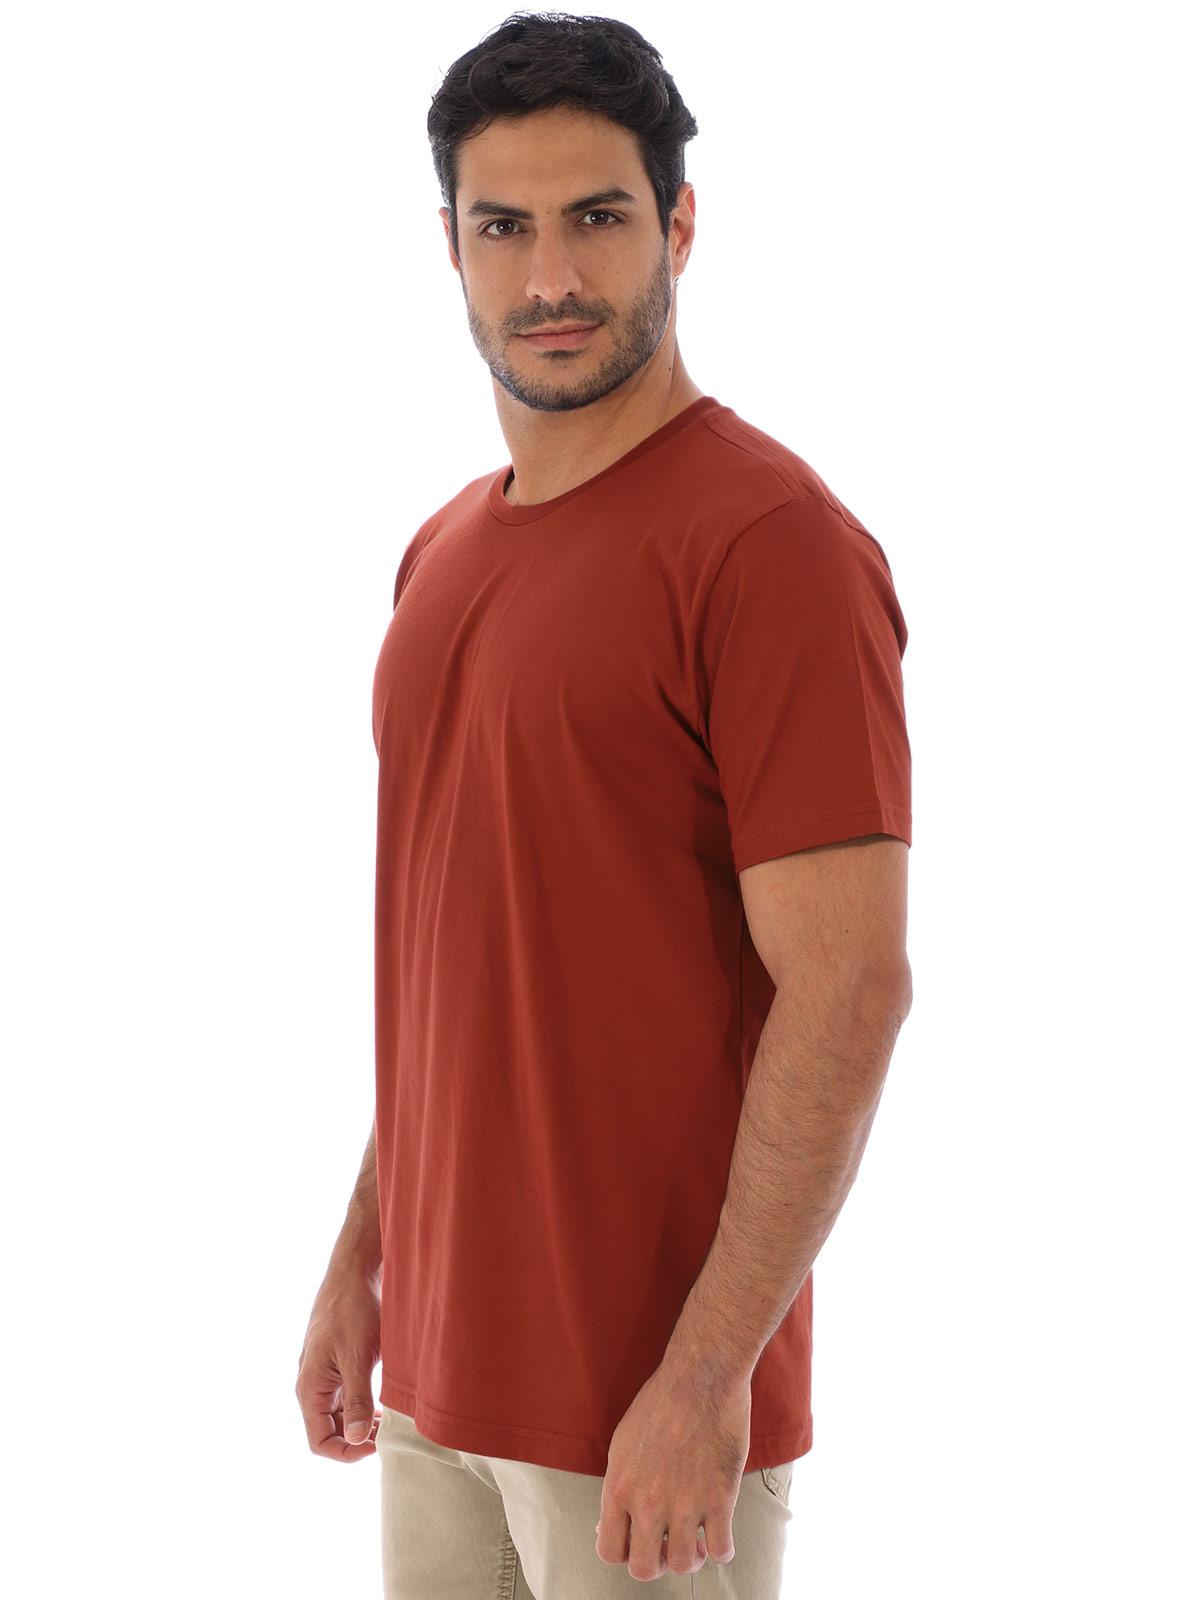 Camiseta Masculina Algodão Manga Curta Básica Lisa Ferrugem